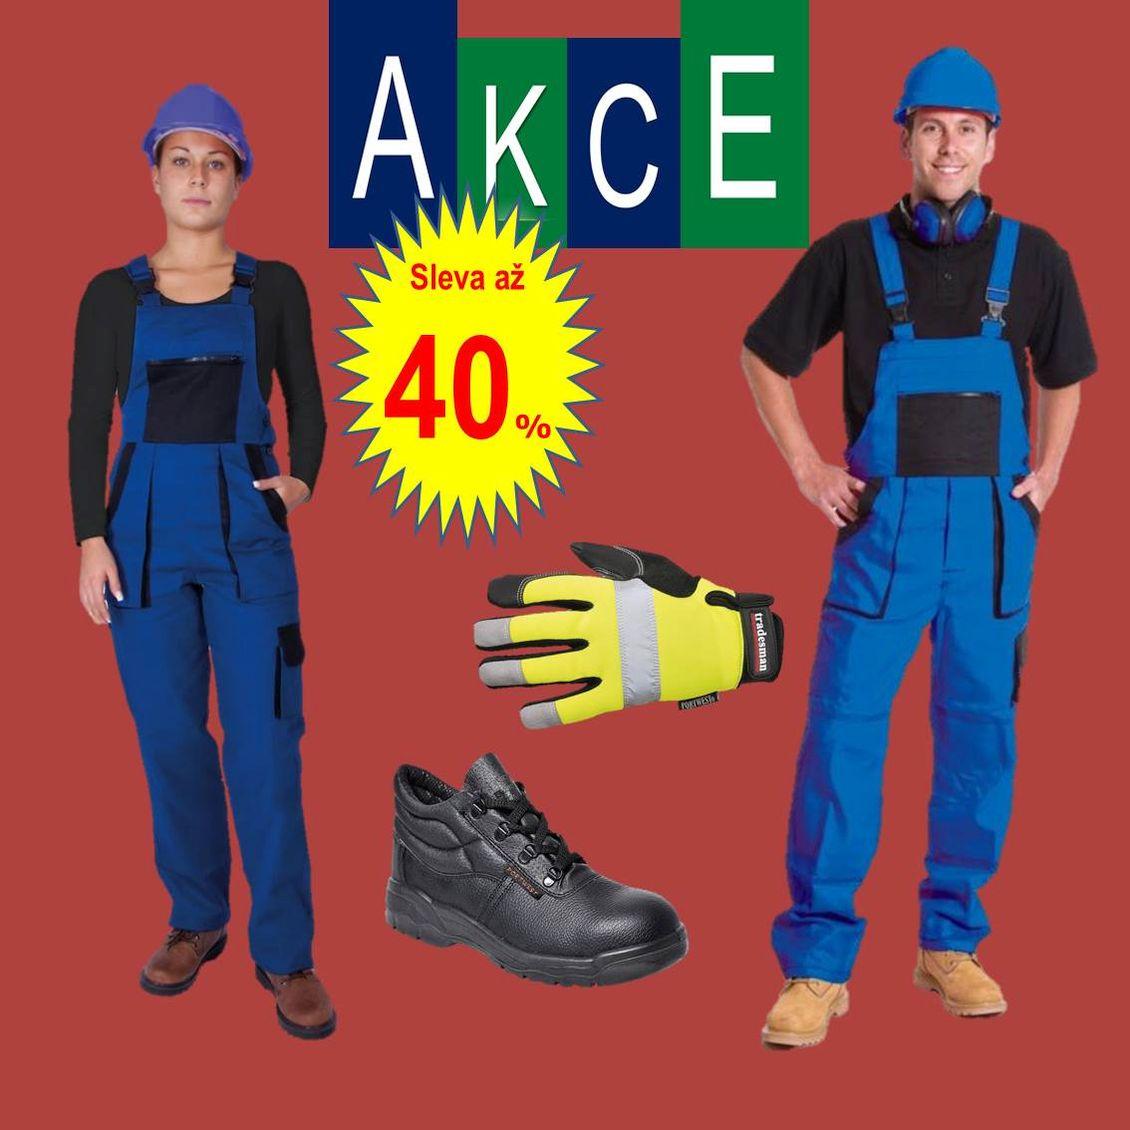 Takos® - Podzimní sleva až 40 % na pracovní oděvy a ochranné pracovní prostředky